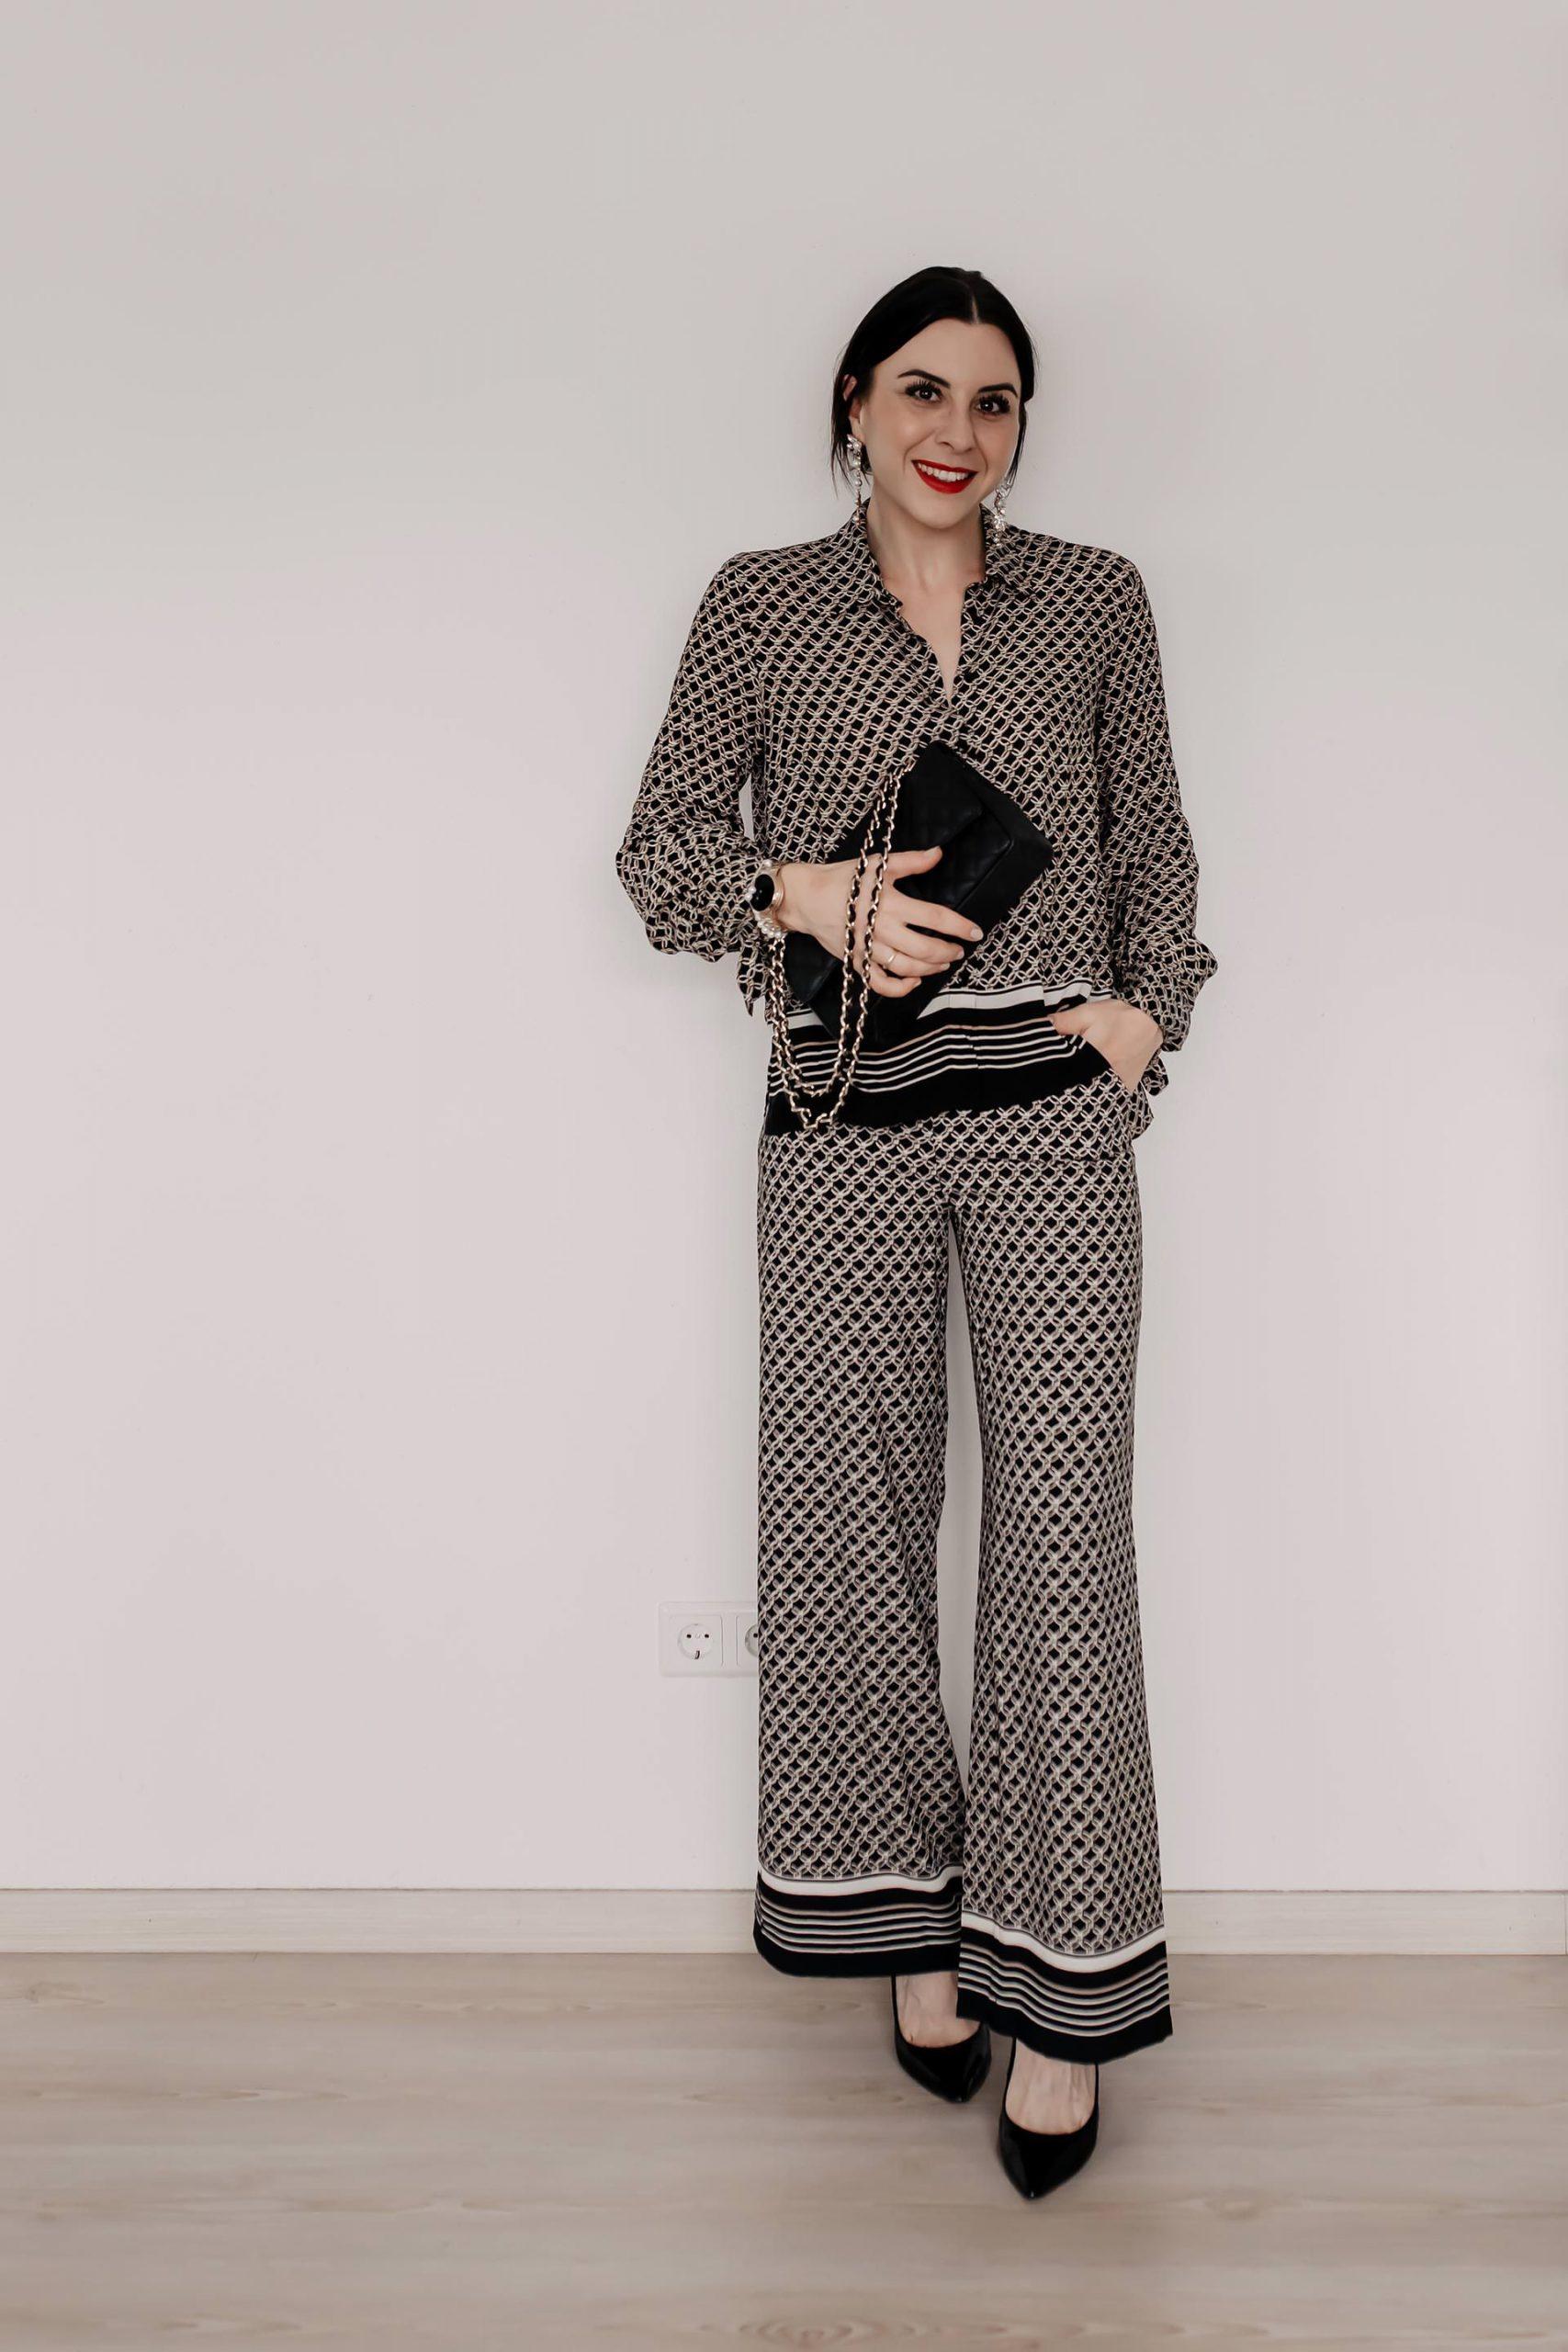 20 Kreativ Schicke Kleider Weihnachtsfeier ÄrmelAbend Cool Schicke Kleider Weihnachtsfeier Vertrieb